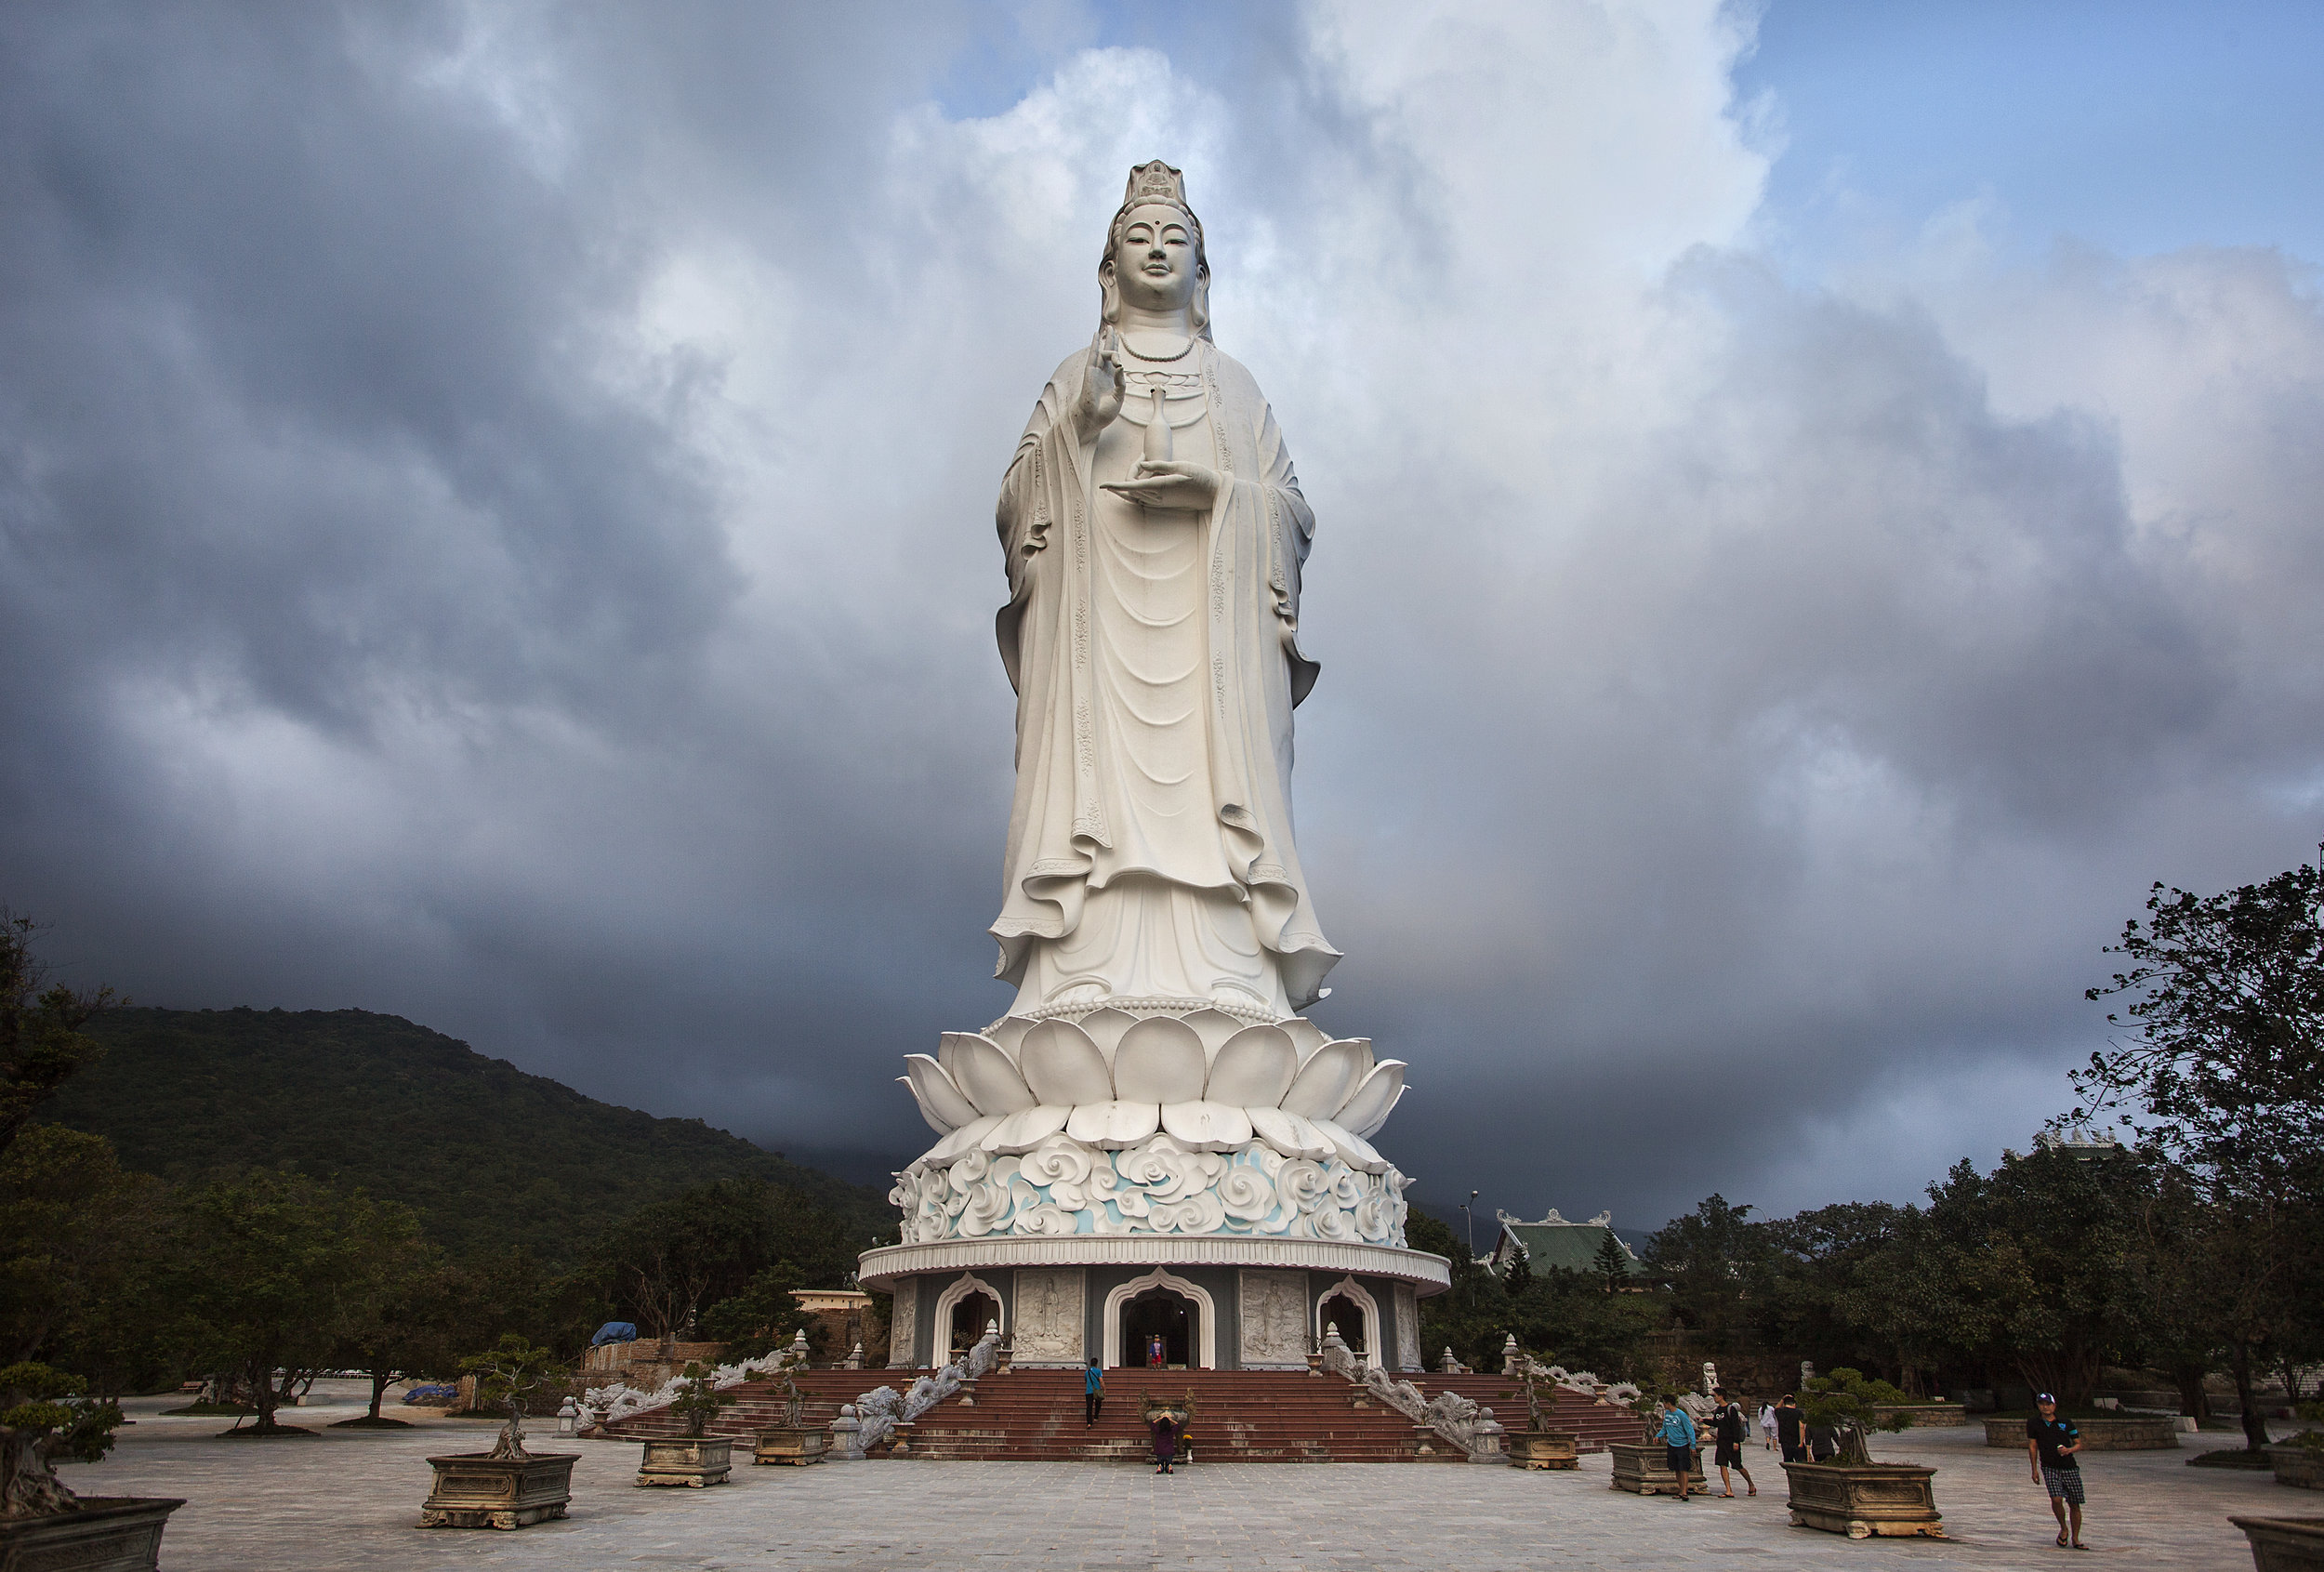 the lady buddha